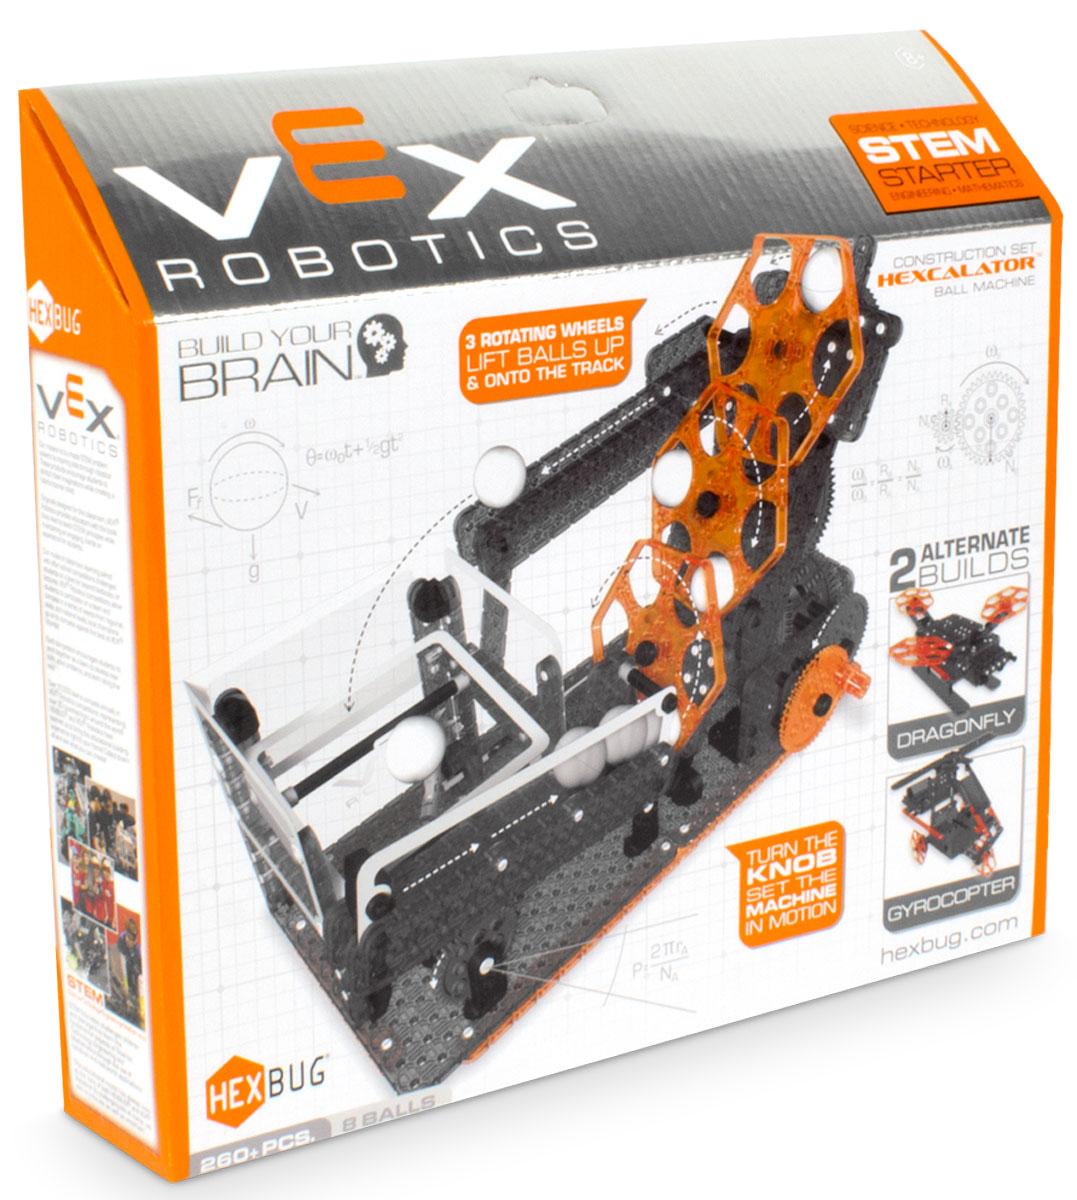 Hexbug Конструктор Vex Hexcalator Ball Machine406-4206Компания Innovation First, известная созданием конструкторов для соревнований VEX Competition, решила адаптировать свои идеи для каждого ребенка. Поэтому они запустили серию VEX Hexbug. Это небольшие конструкторы для создания несложных действующих механизмов. Hexbug Vex Hexcalator один из них. Этот набор состоит из 260 элементов. Используя эти элементы ребенок сможет собрать сложный механизм, который будет способен доставлять маленькие шарики на определенную высоту с помощью шестигранных площадок. И это еще не все! Ребенок может проявить свою фантазию, и сделать несколько модификаций или, при наличии других наборов, собрать большой конвейер. При желании, можно отдельно приобрести электродвигатели, и автоматизировать весь механизм. Эти наборы будут интересны не только детям, но и их родителям. С помощью этих конструкторов, они смогут познакомить детей с миром механики в игровой форме.